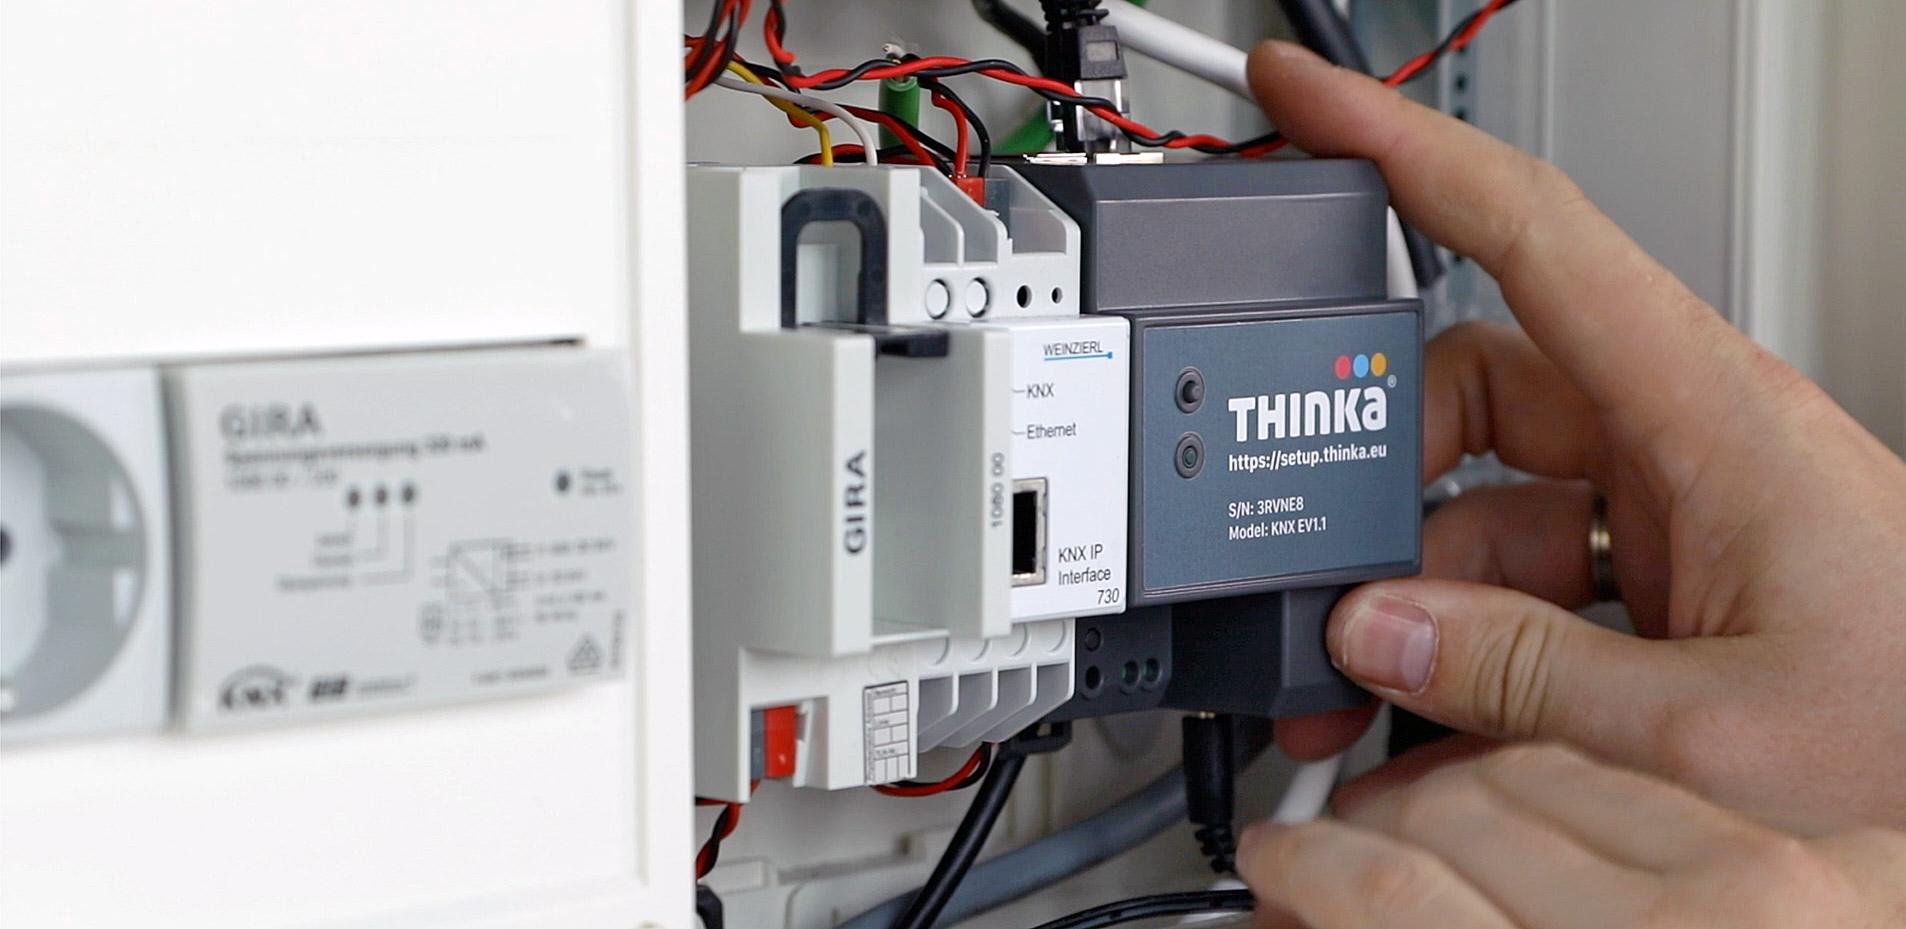 installing Thinka KNX image